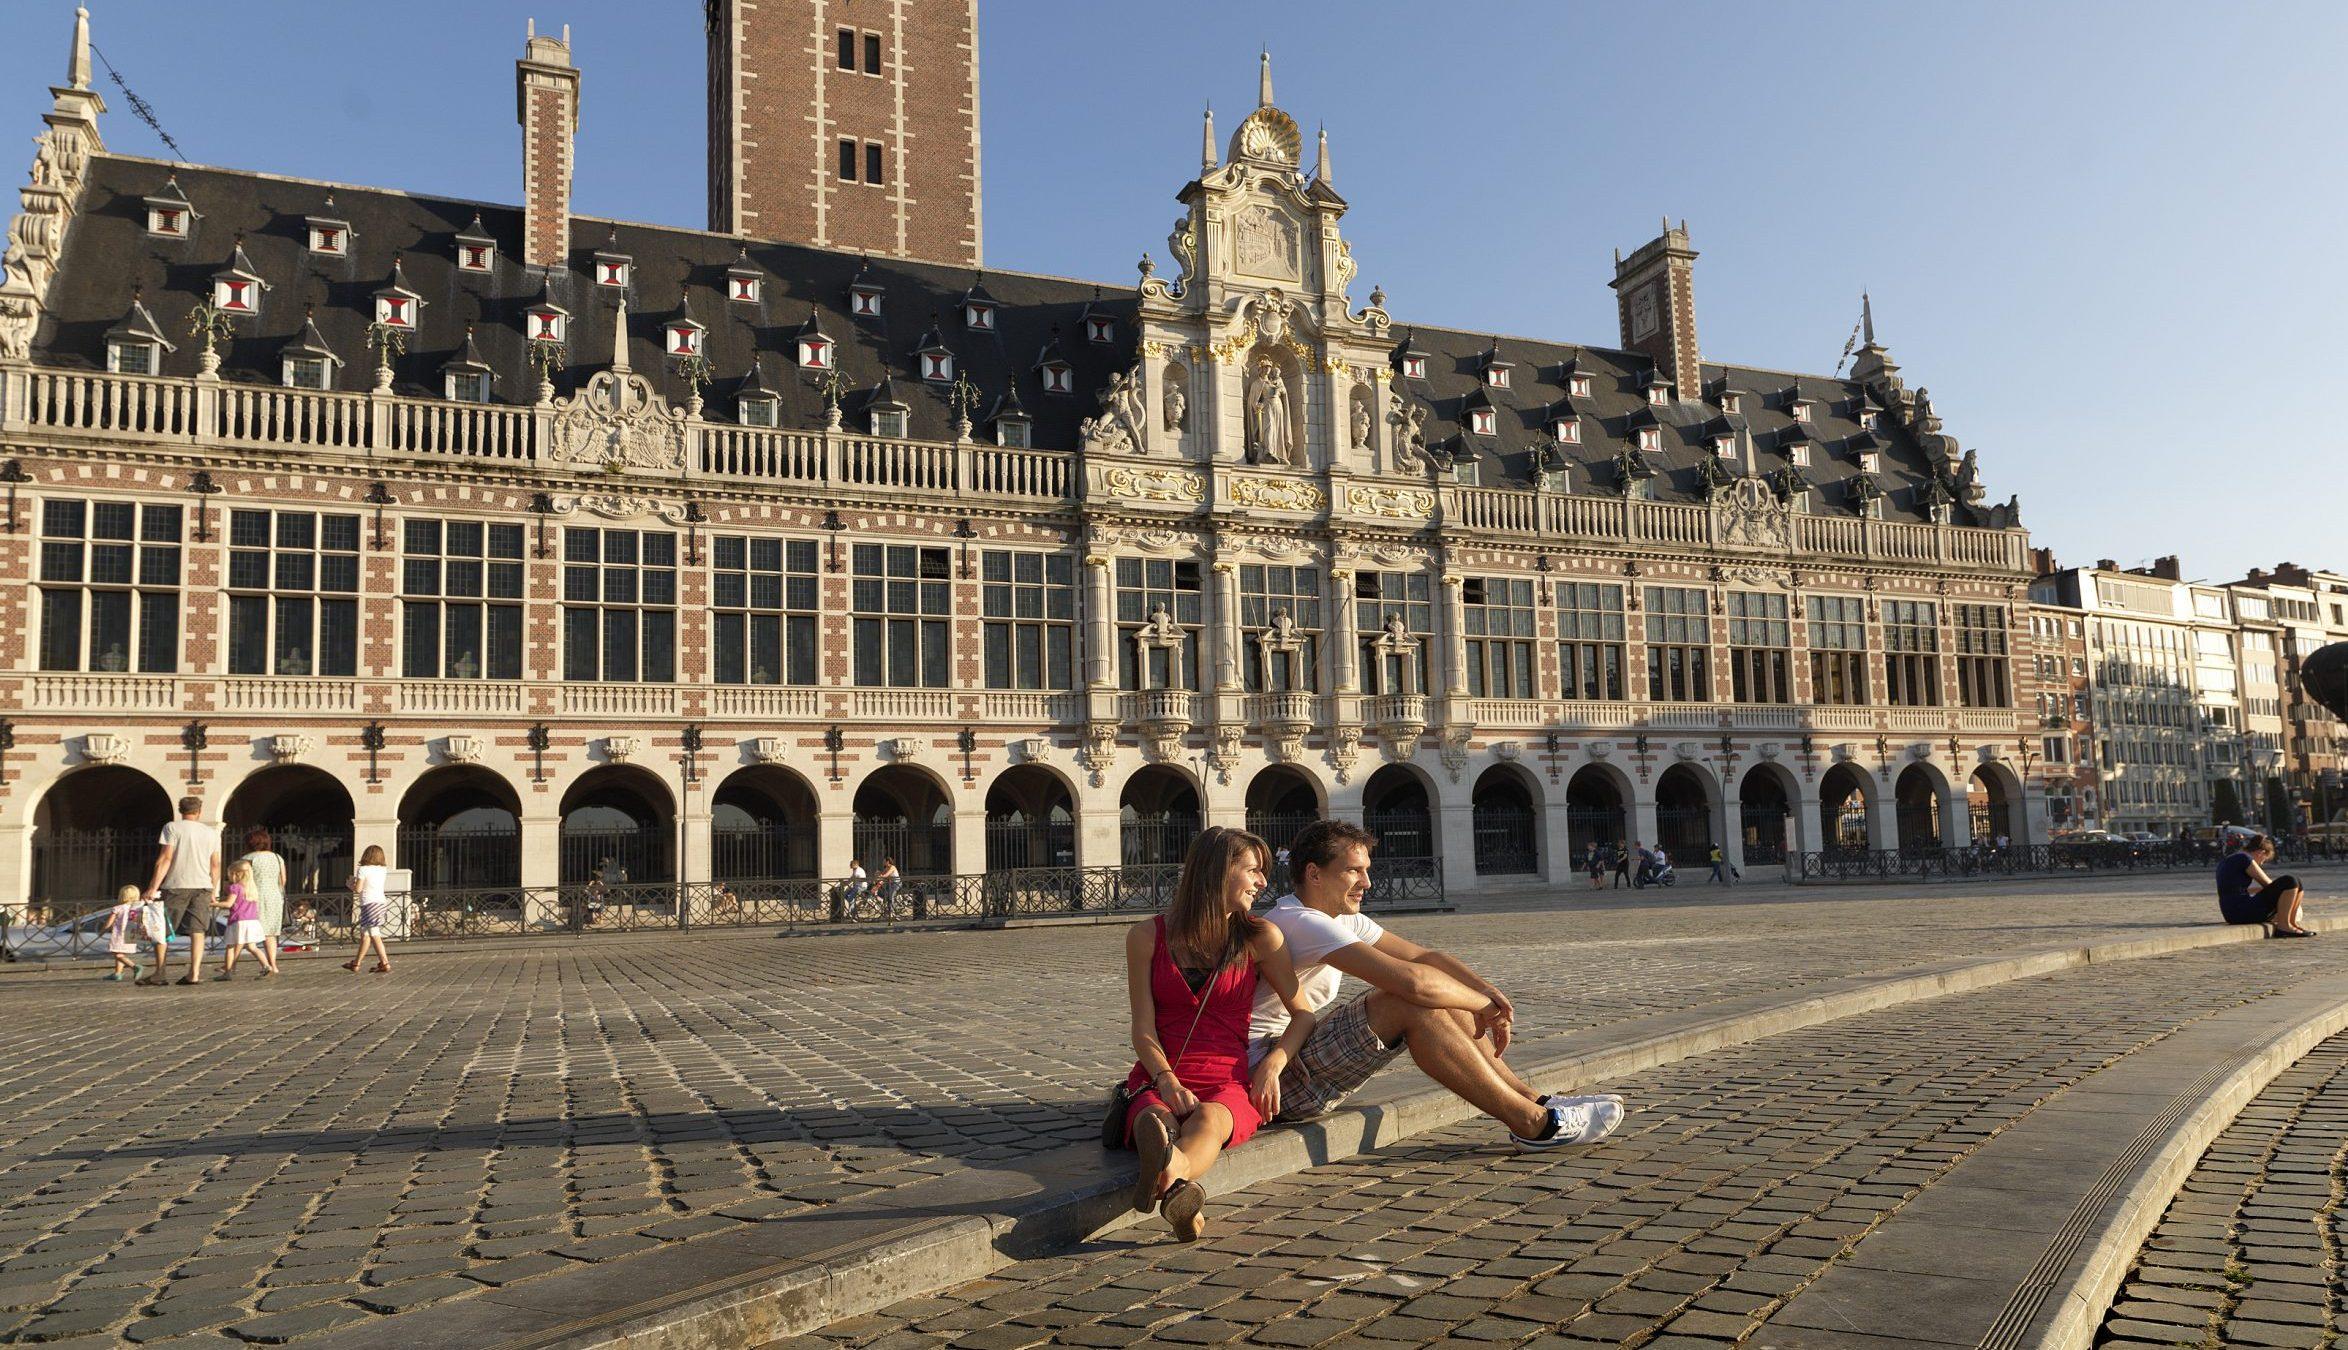 Belgien kan være blandt de lande der i dag ryger af Udenrigsministeriets rejsevejledninger for lande med grønt lys for danske rejsende. Arkivpressefoto fra universitetsbiblioteket i Leuven i Flandern, foto: Milo Profi for VisitFlanders.